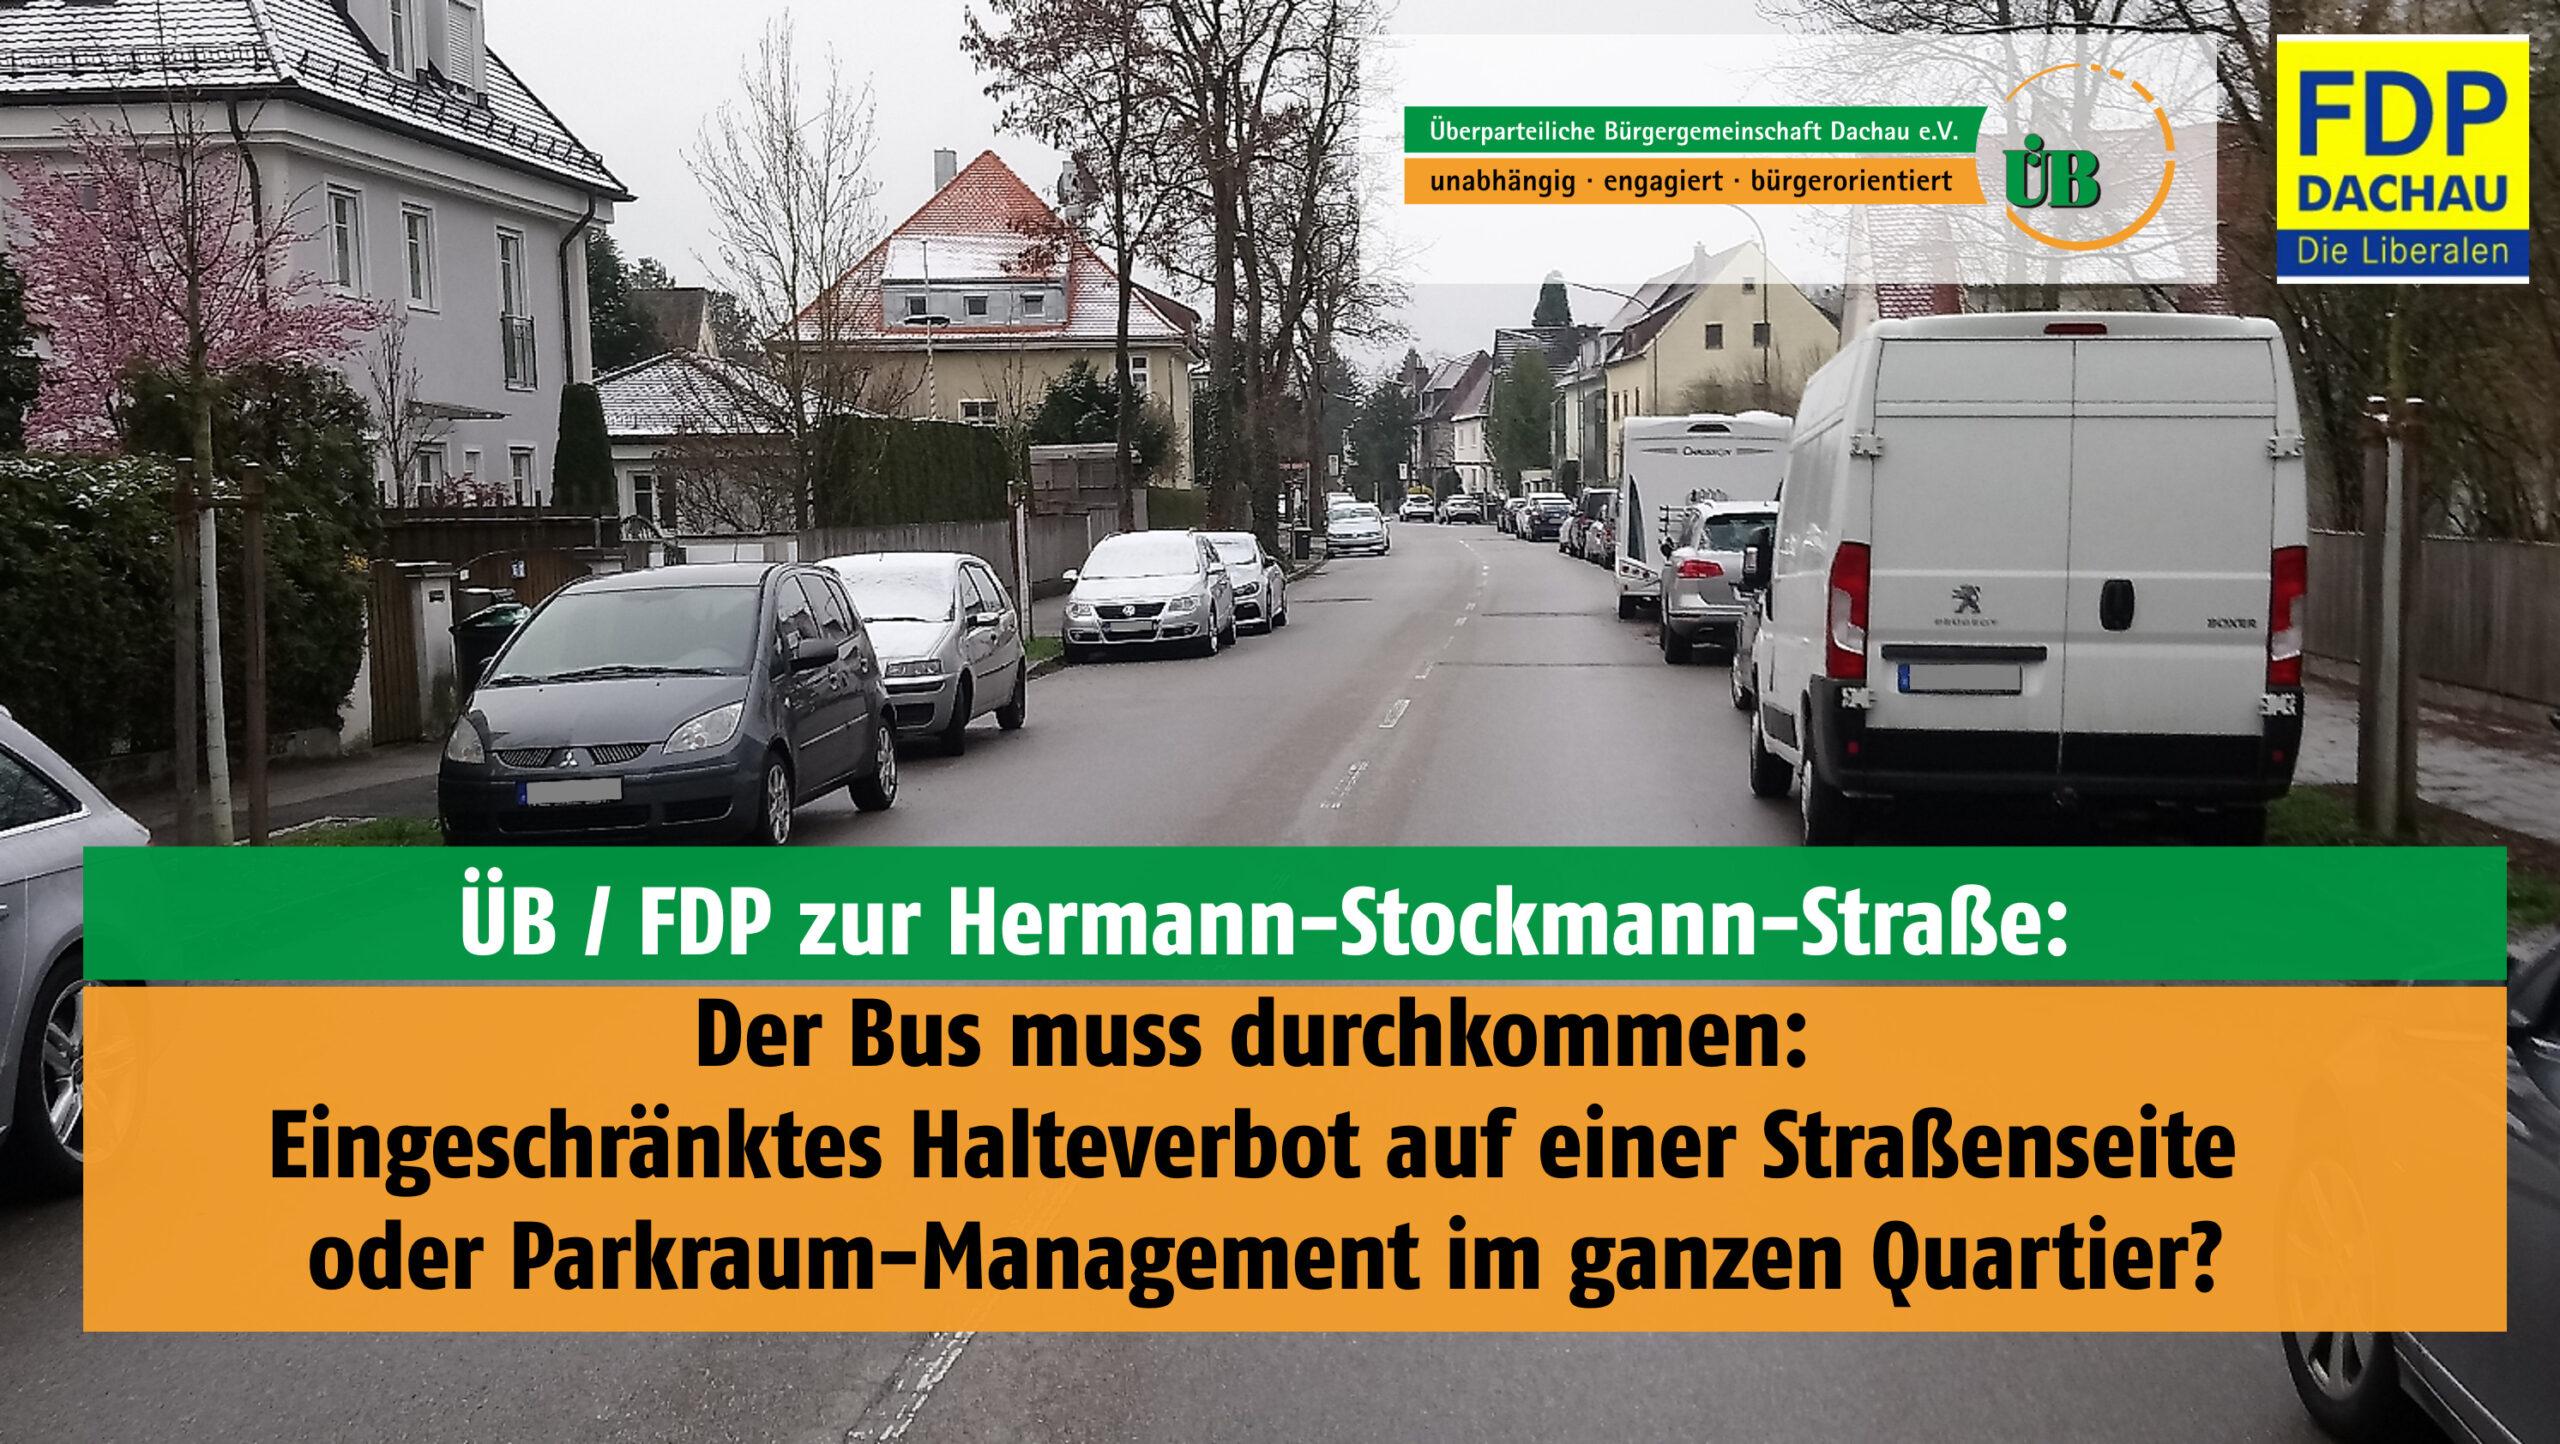 Hermann-Stockmann-Straße - Der Bus muss durchkommen